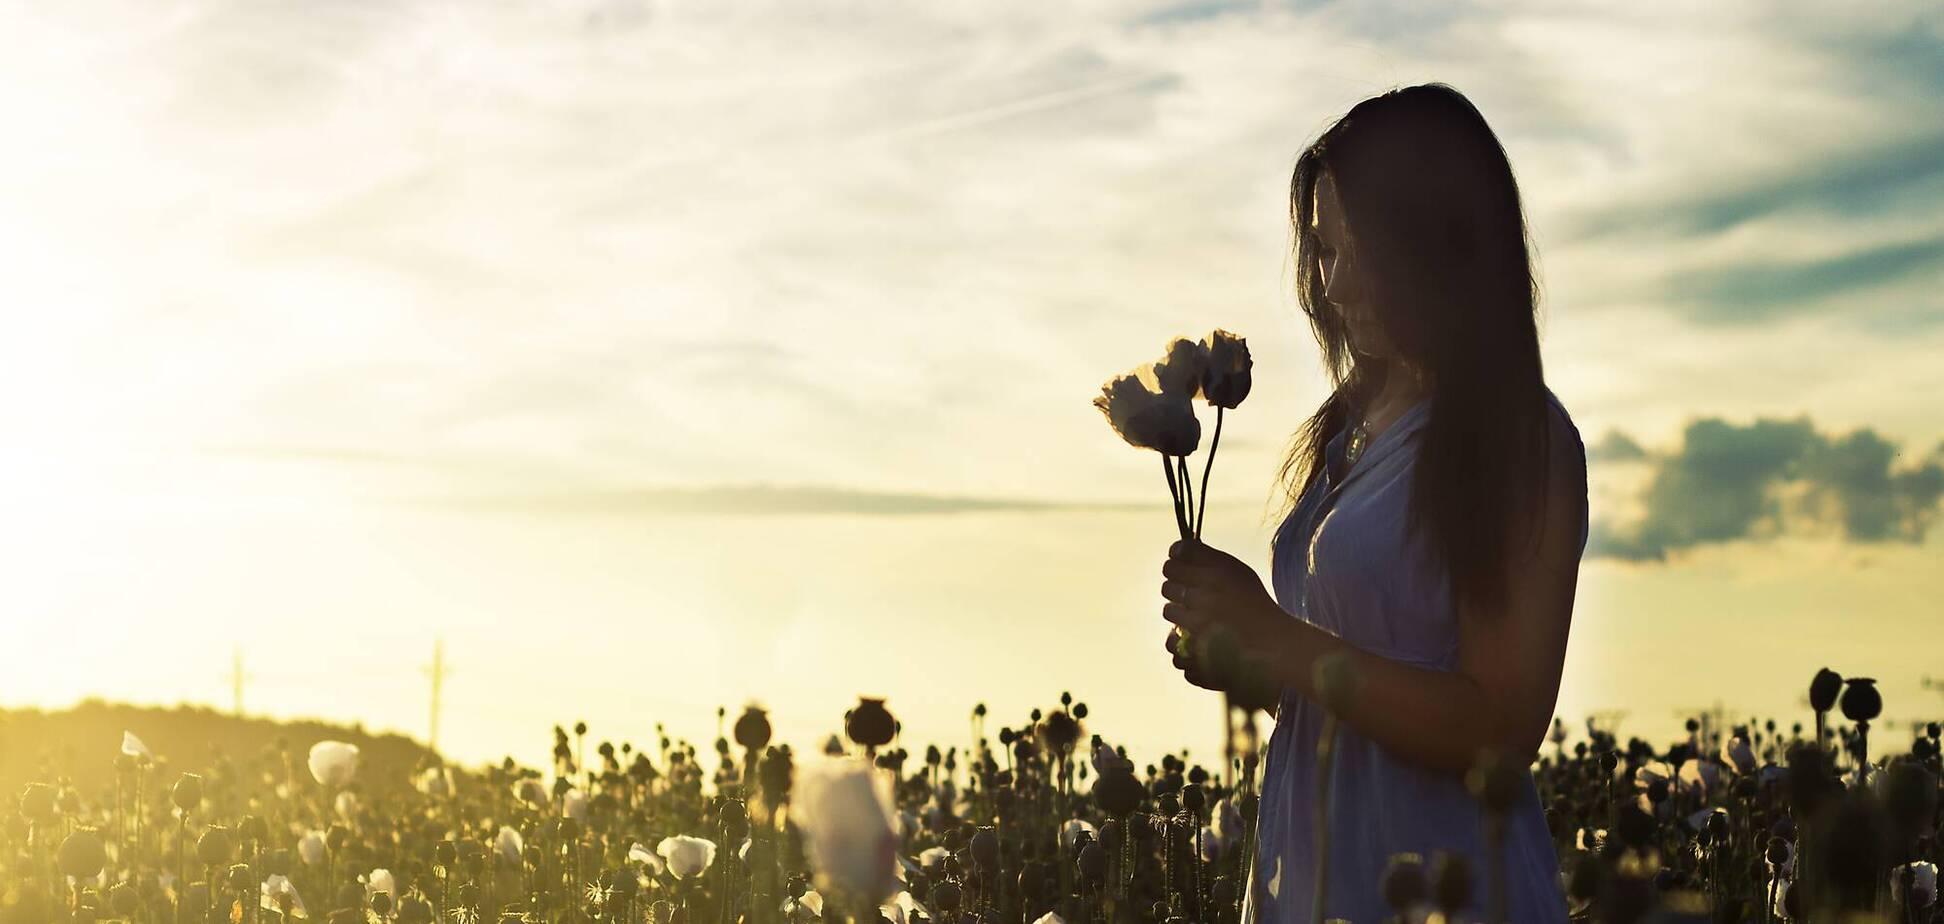 6 августа чествуют память мученицы Христины Тирской. Источник: Фото: Pixabay